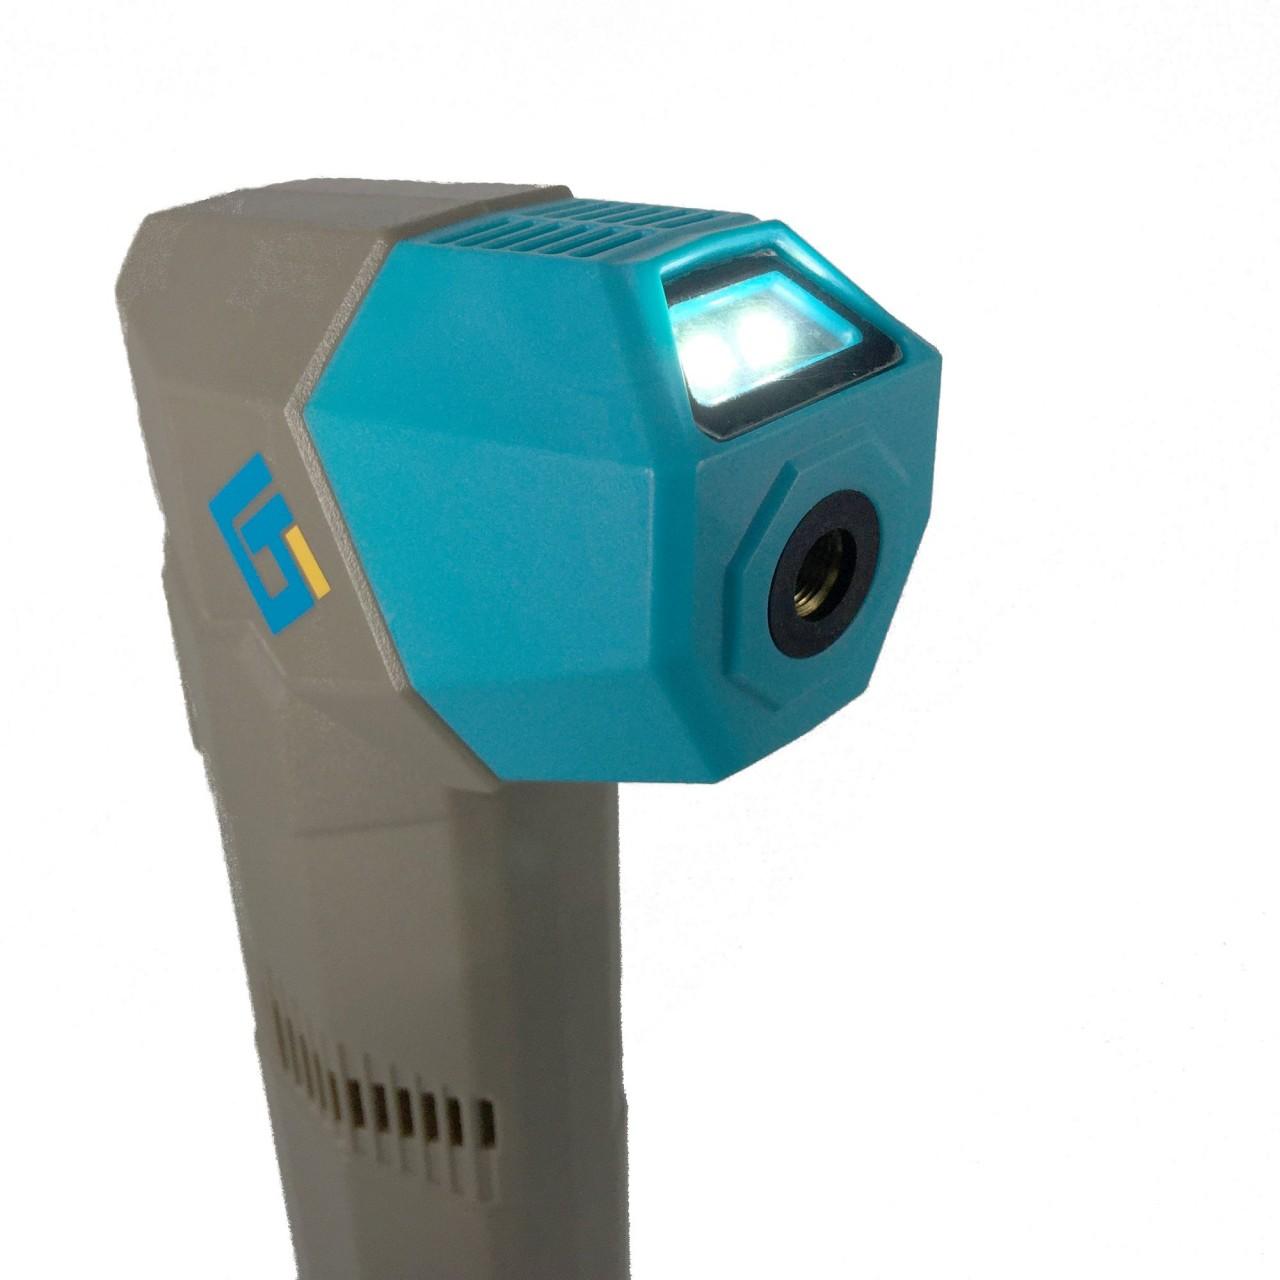 Golden Thill Smart Air Pump - Luftpumpe